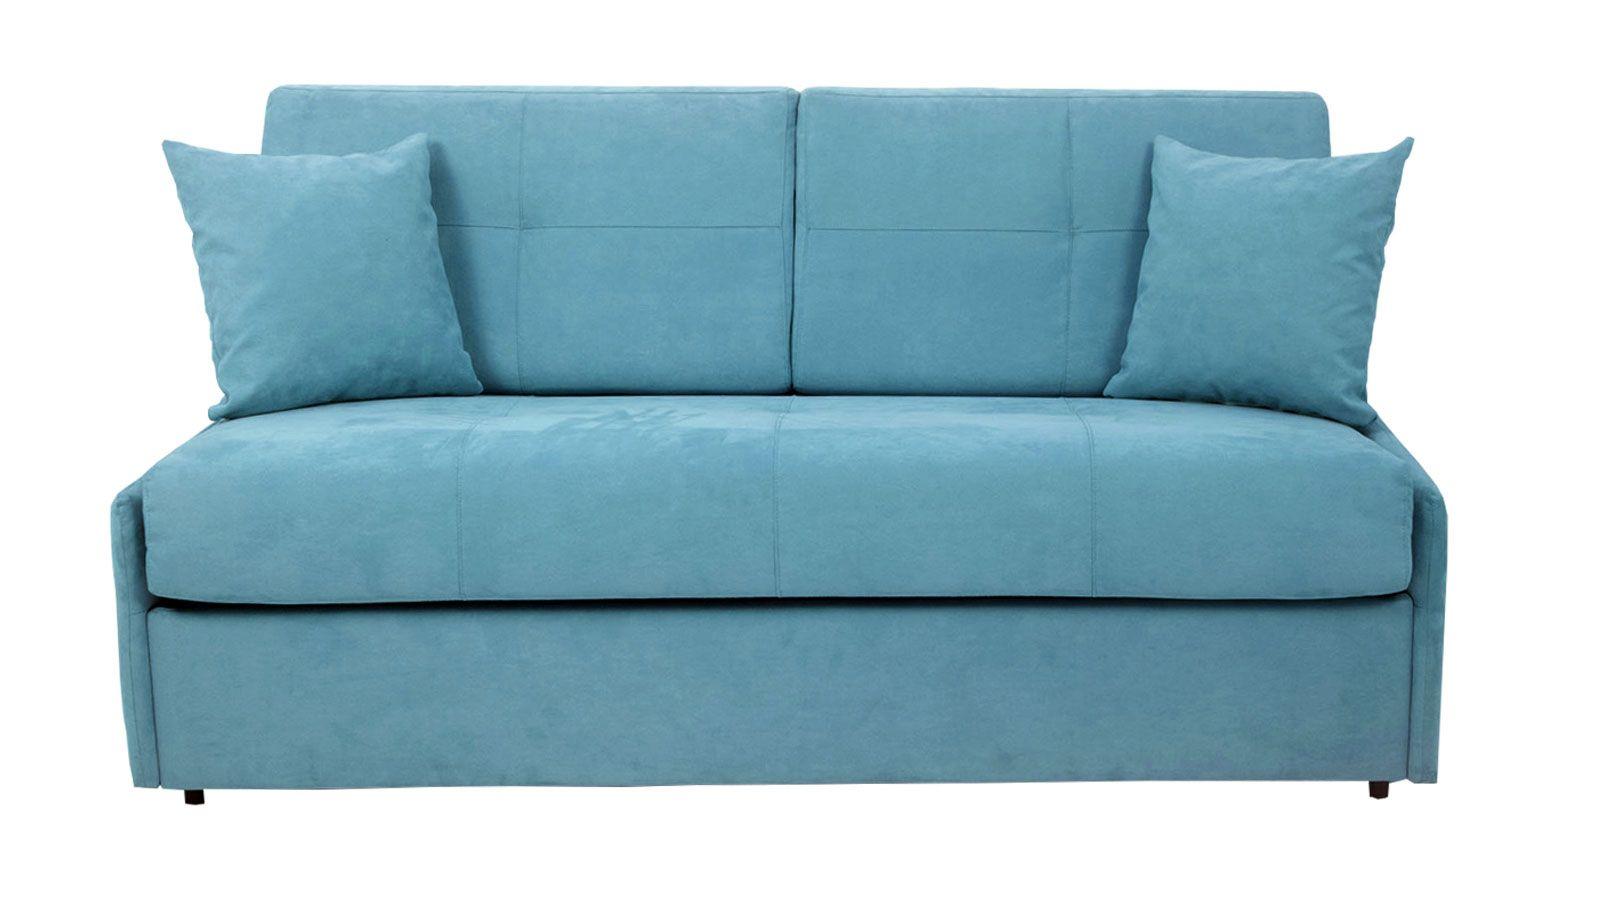 canape clic clac pour couchage quotidien maison et mobilier d 39 int rieur. Black Bedroom Furniture Sets. Home Design Ideas